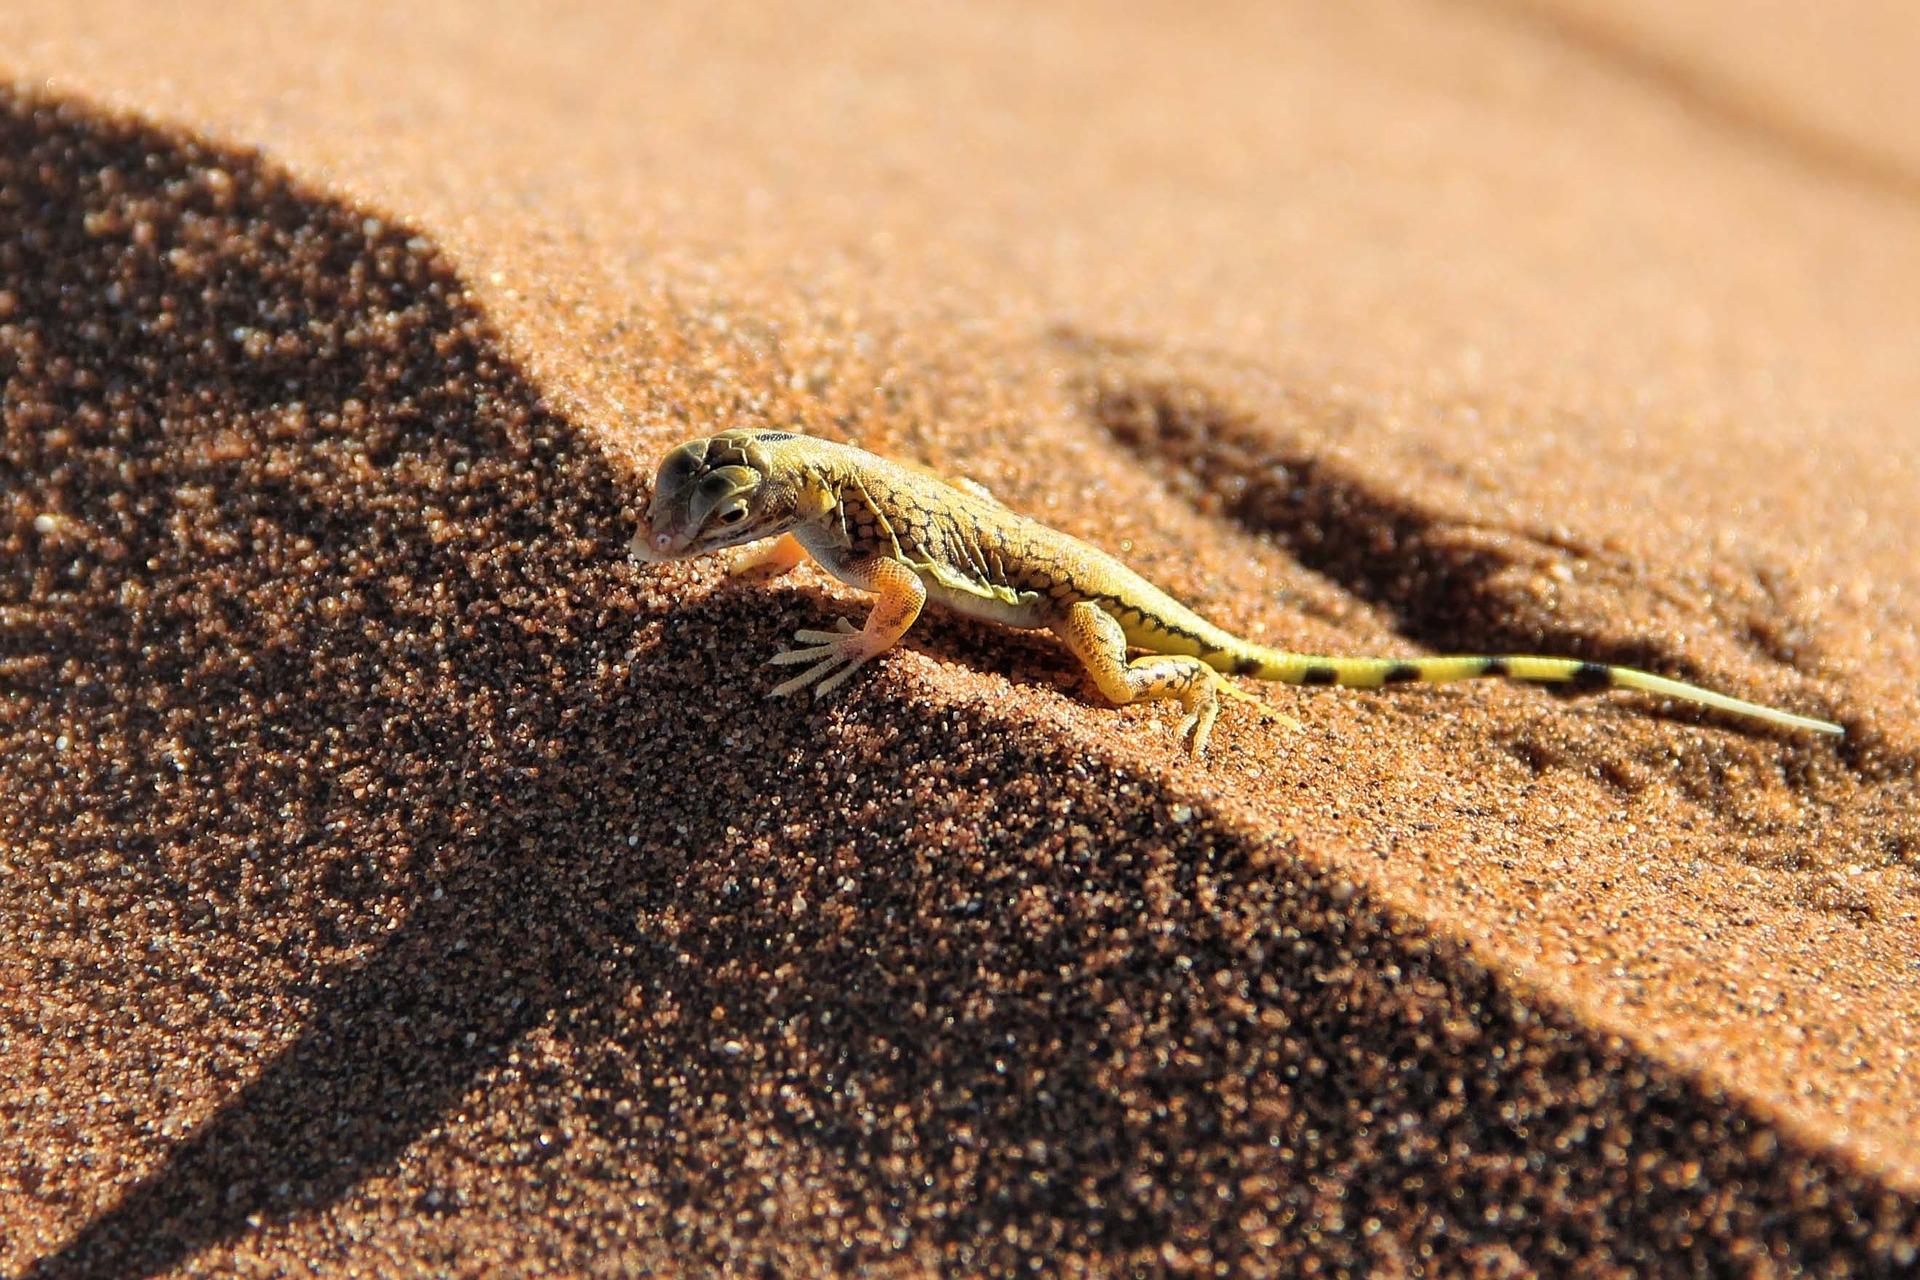 Animales del desierto, una historia de supervivencia